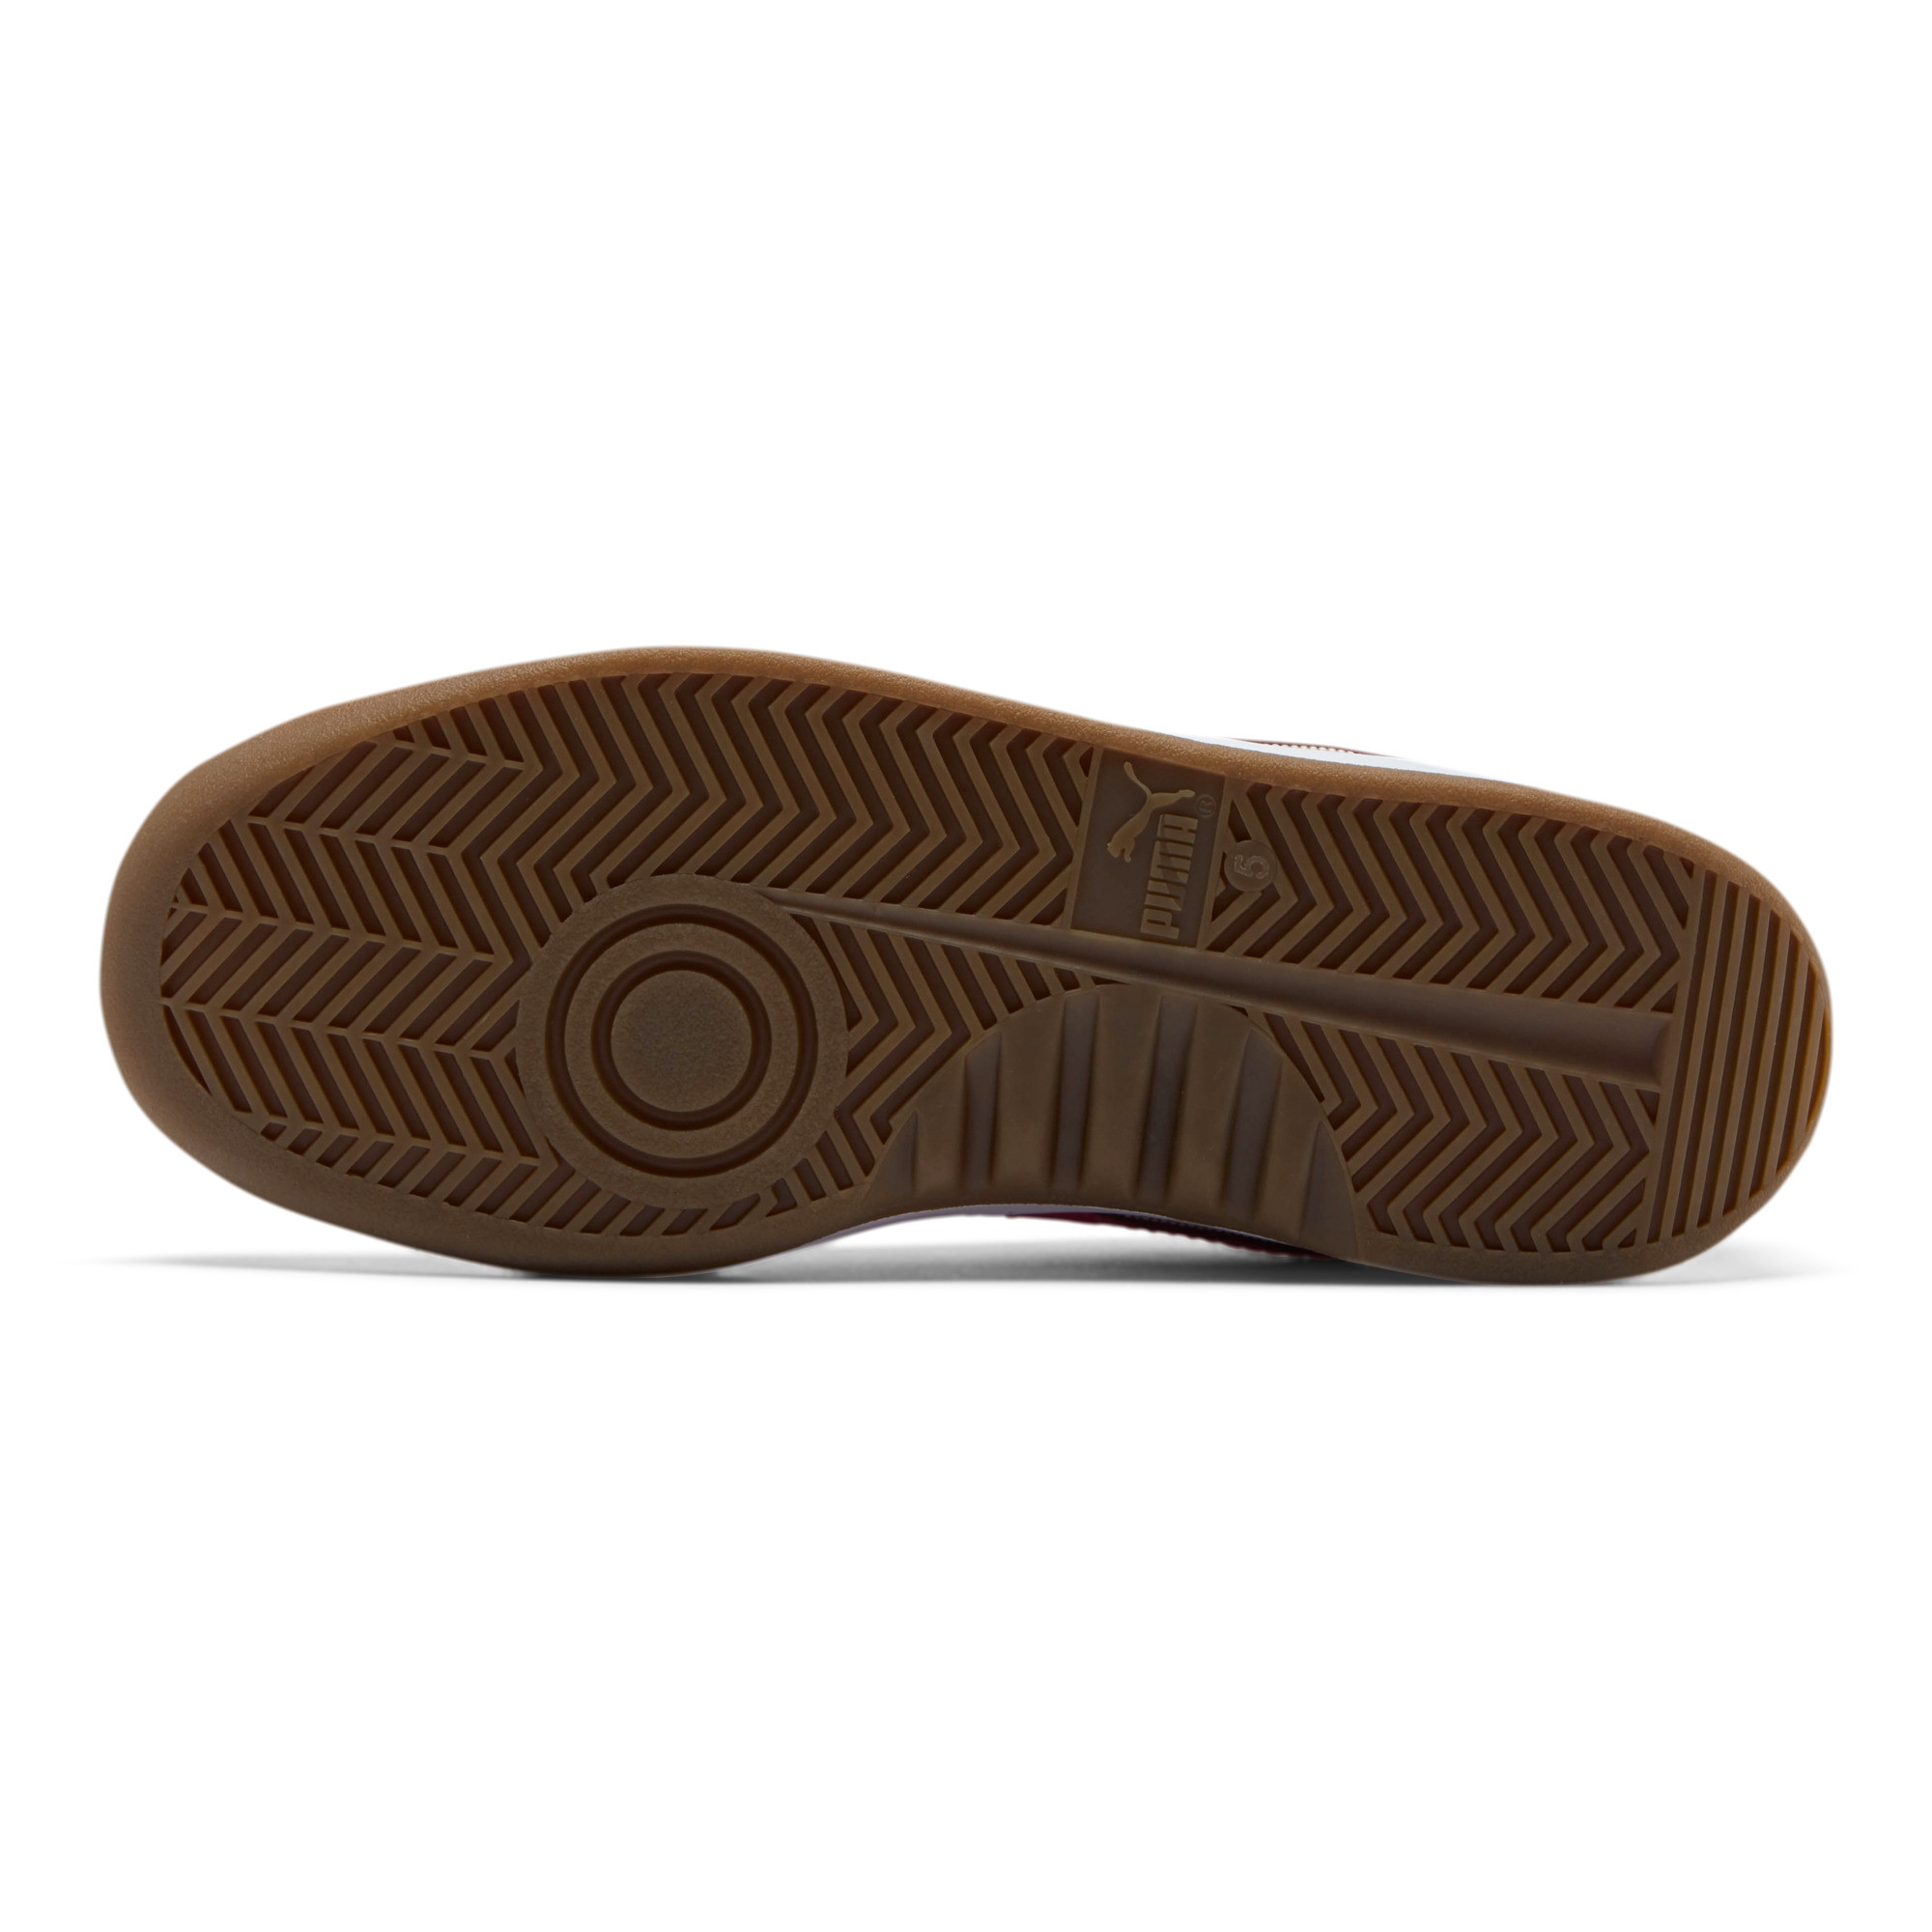 PUMA-California-Women-039-s-Sneakers-Women-Shoe-Sport-Classics thumbnail 16